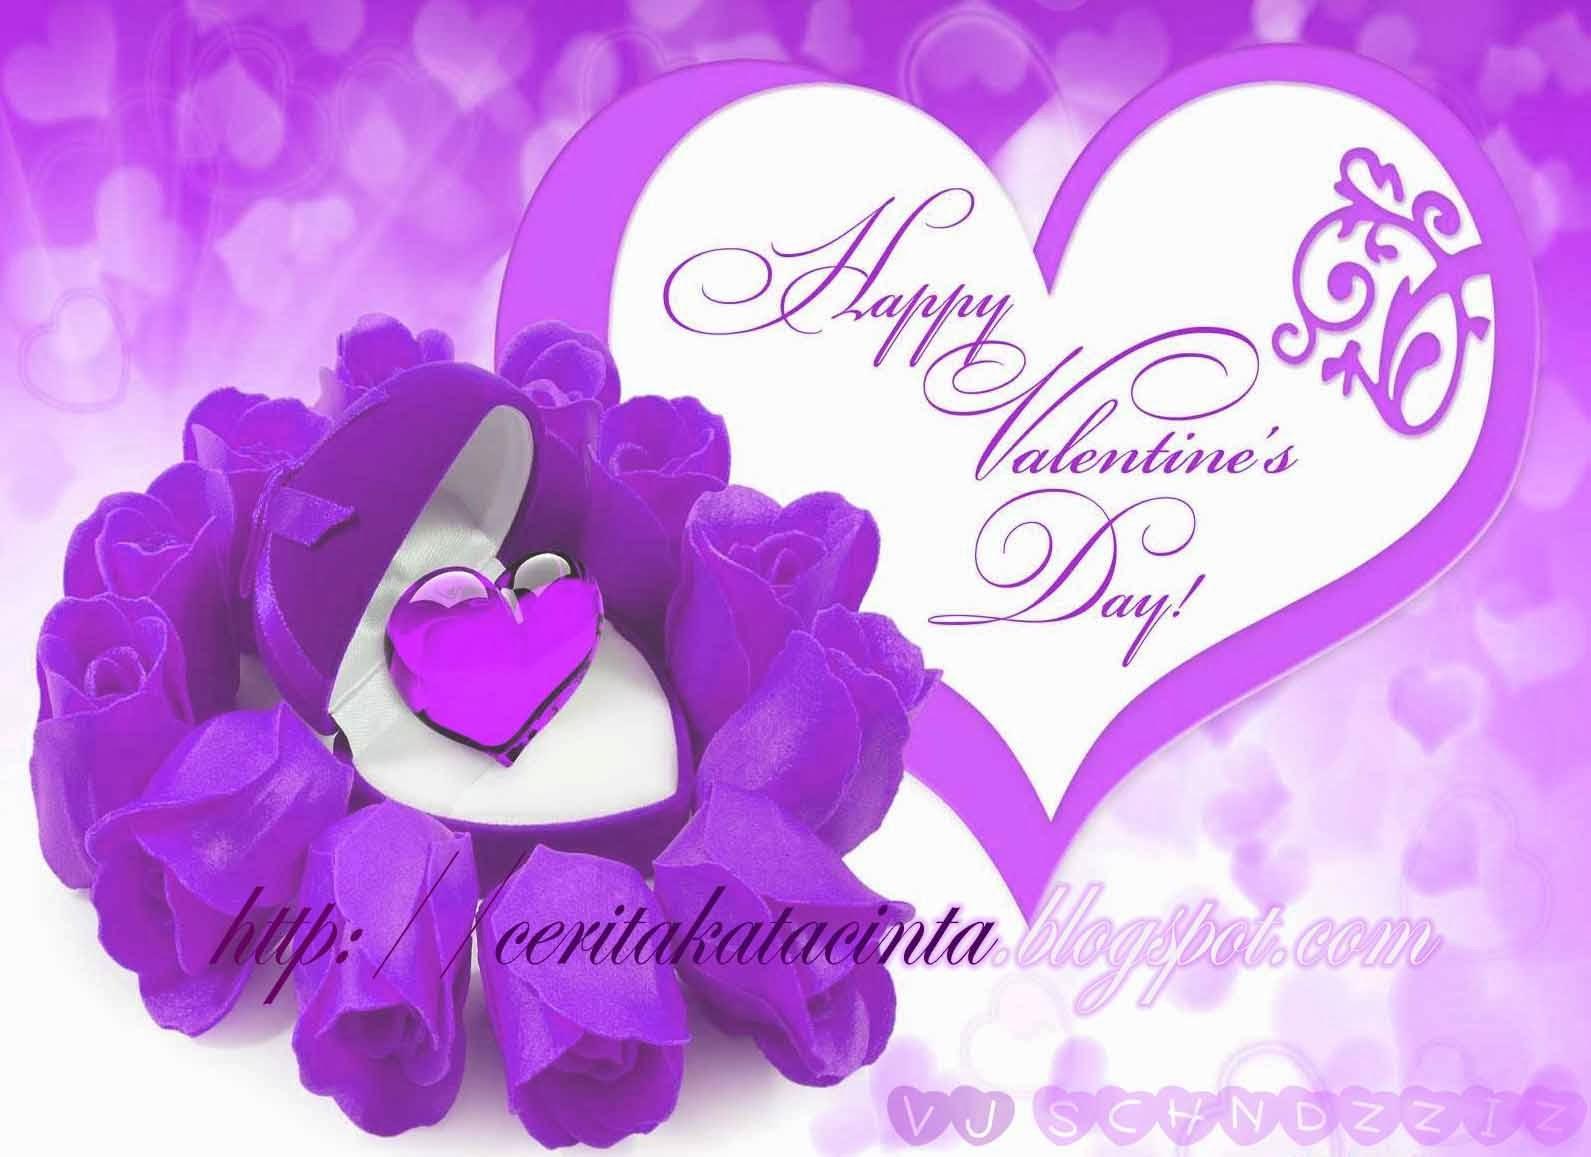 Kata Kata Indah Valentine - Katapos